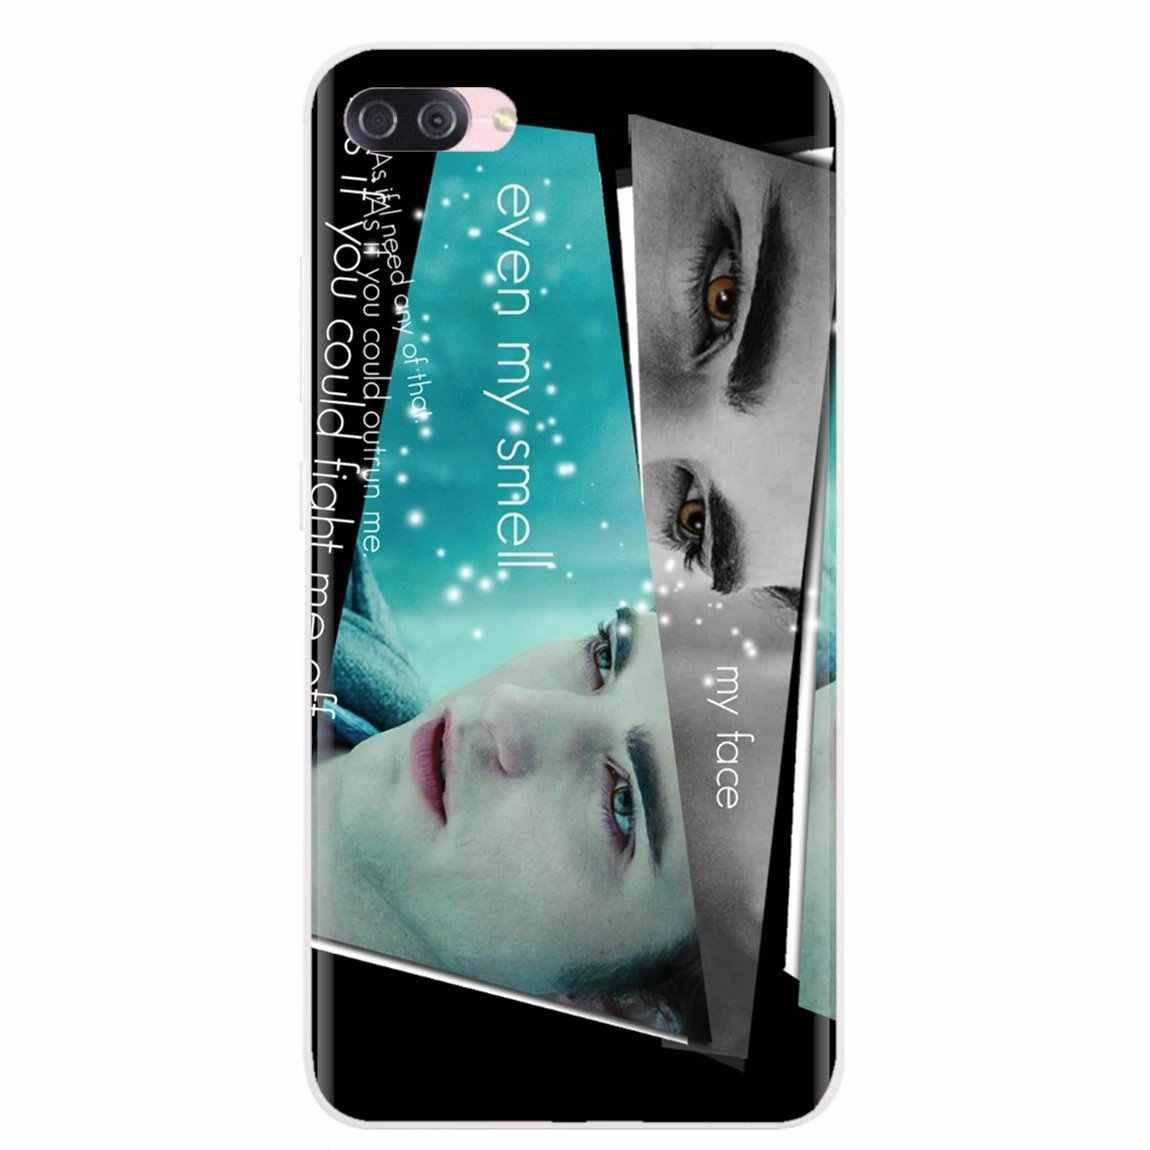 Edward Cullen Dành Cho Samsung Galaxy Samsung Galaxy S6 S10E S10 Edge Lite Plus Core Grand Prime Alpha J1 Mini Cá Tính Ốp Điện Thoại ốp Lưng